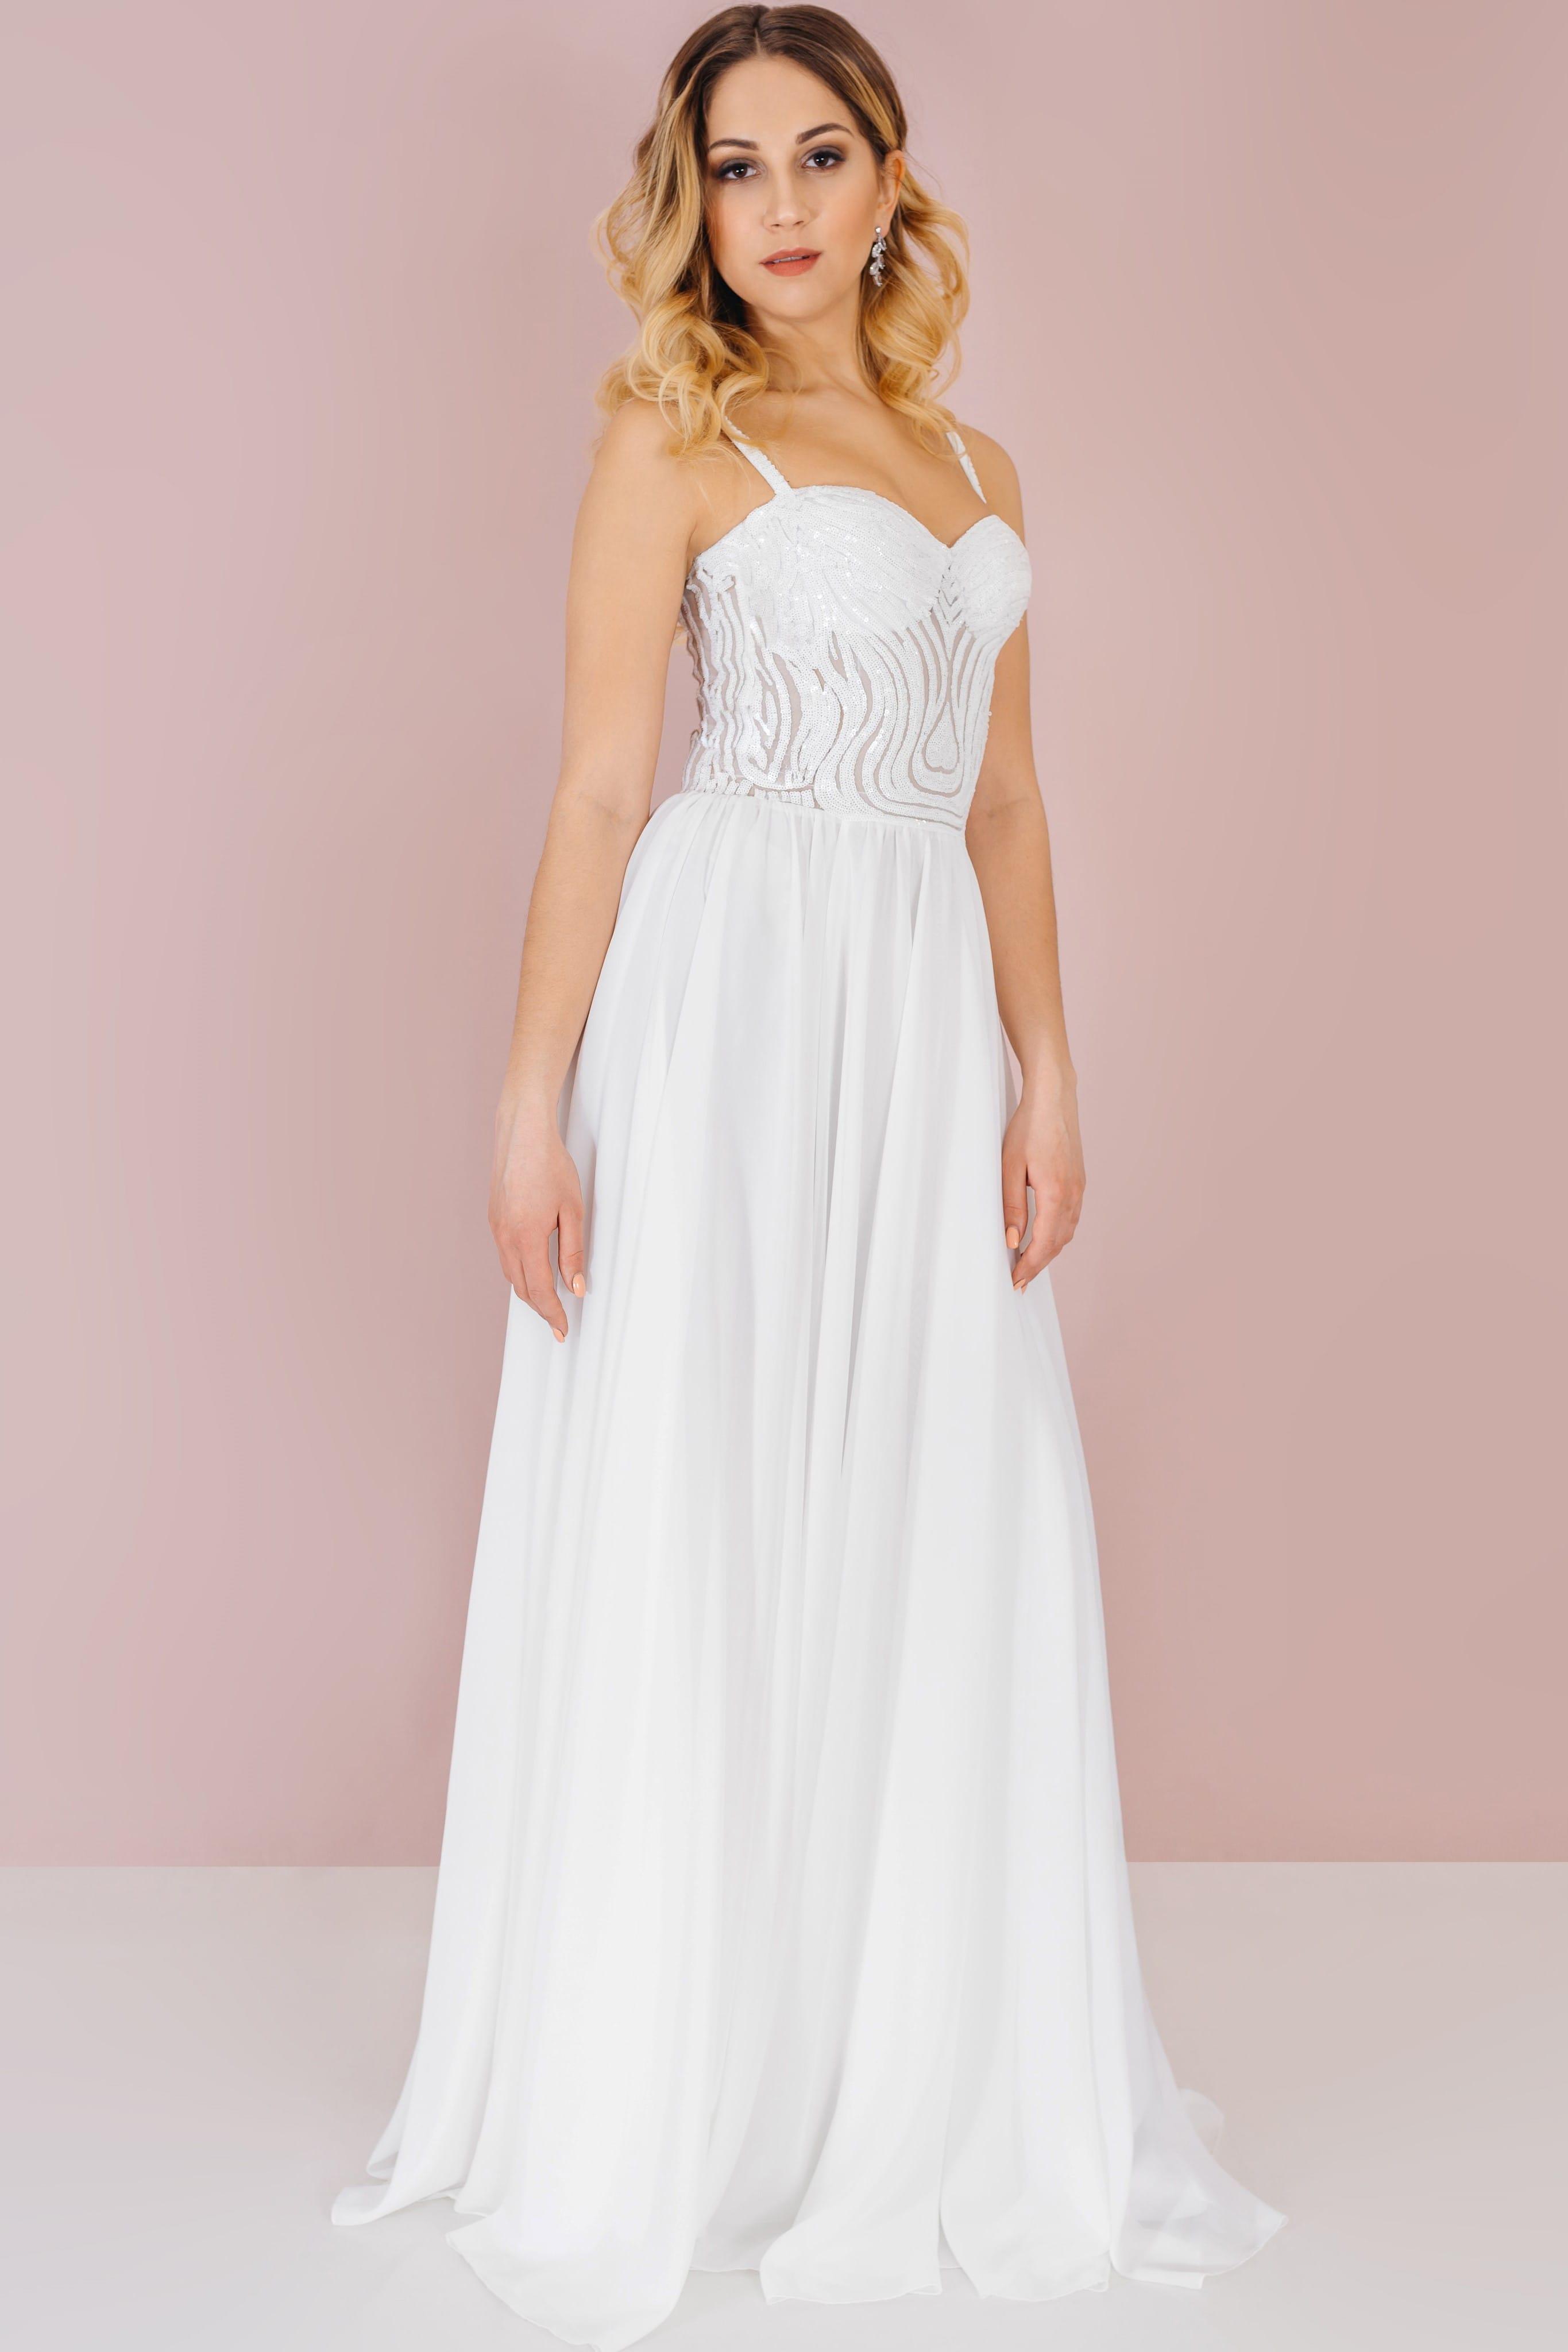 Свадебное платье SANDA, коллекция LOFT, бренд RARE BRIDAL, фото 1